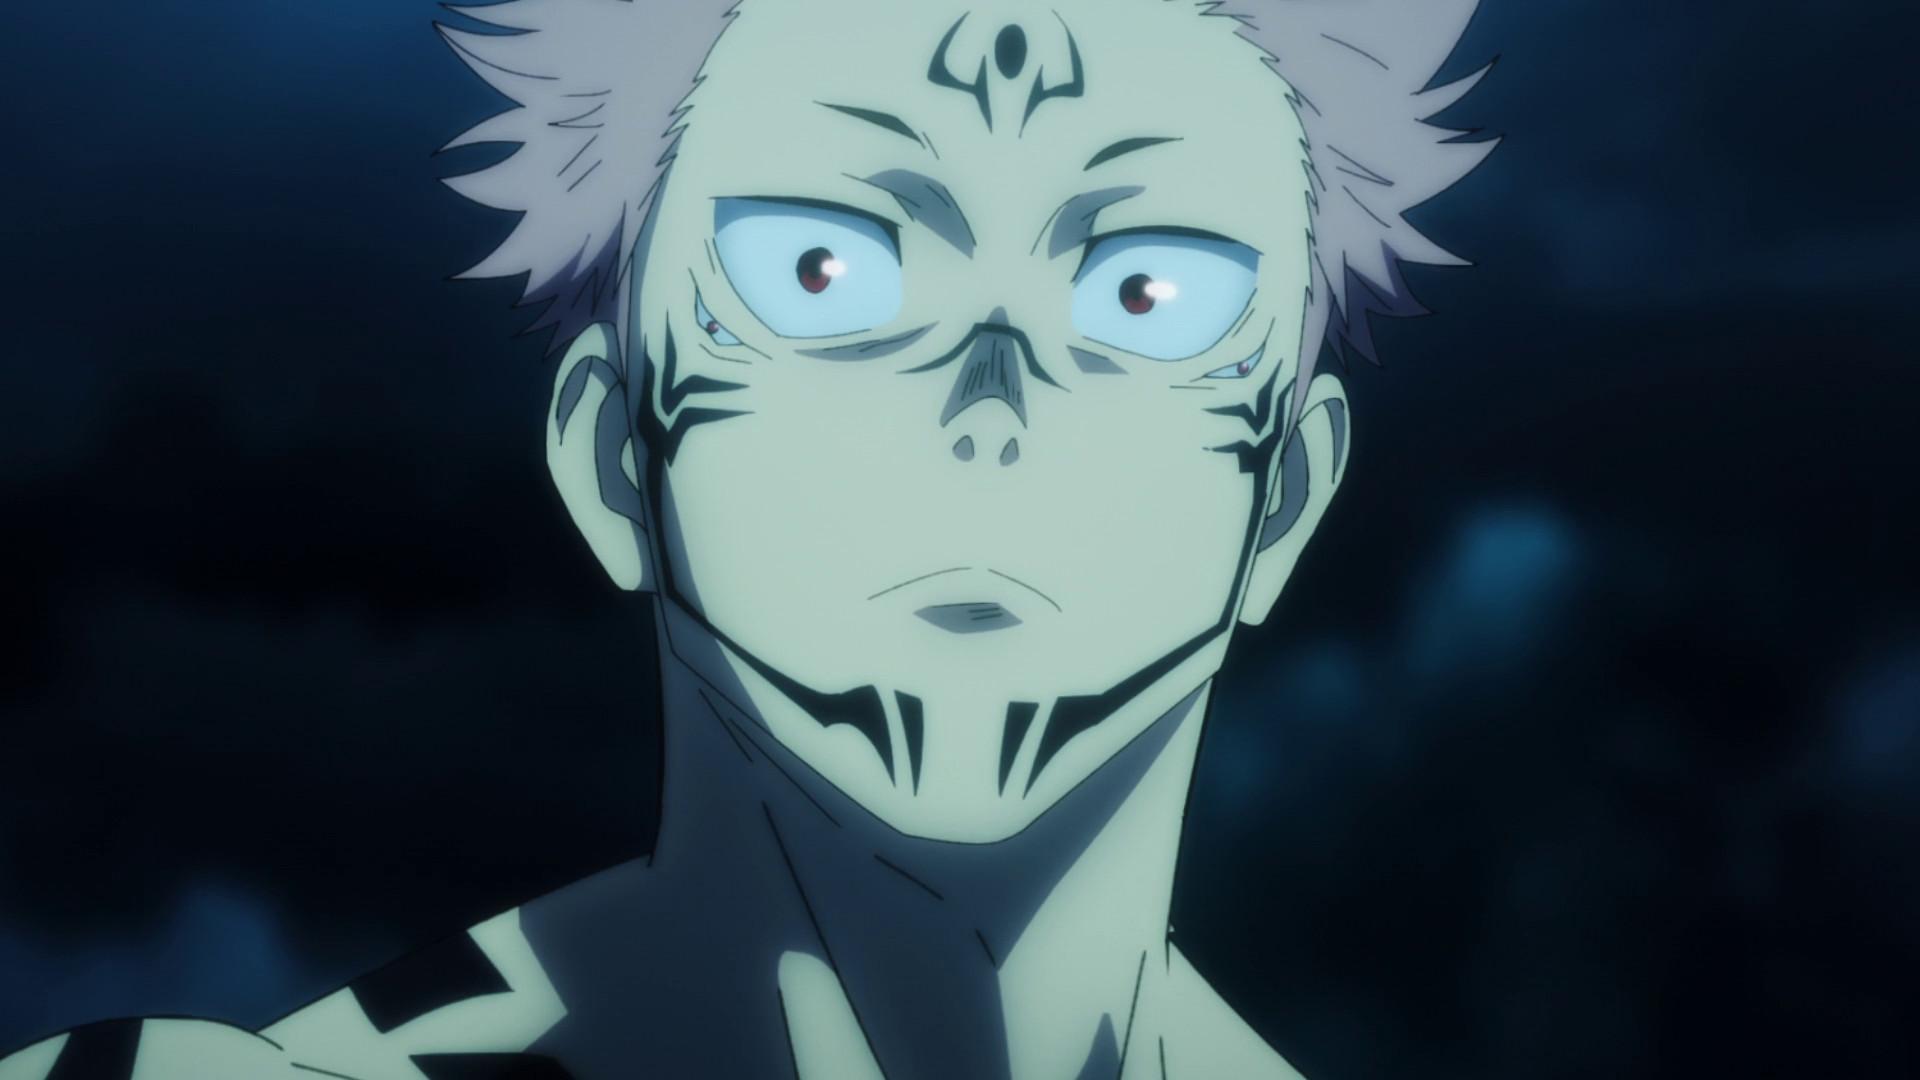 The Curse known as Yuji Itadori Anime